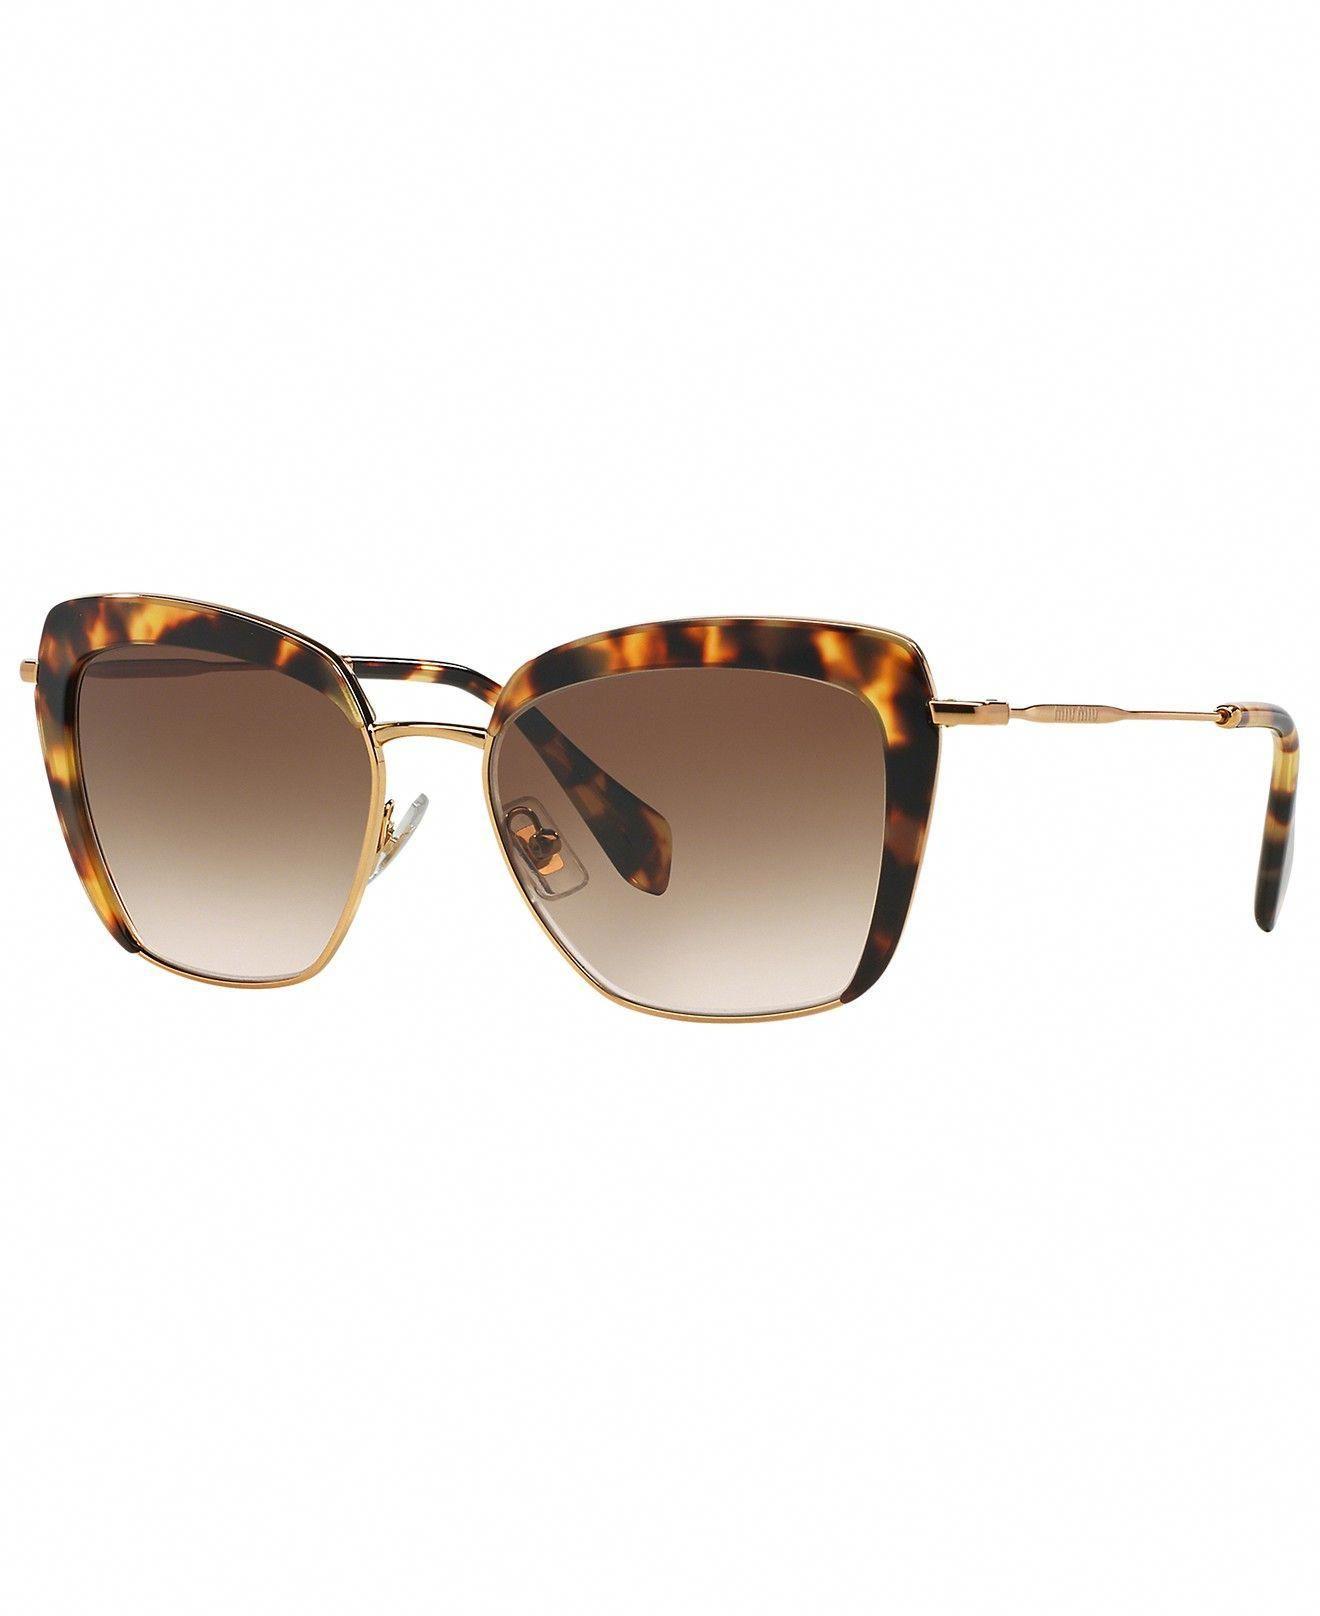 f77d0df2271 Miu Miu Sunglasses